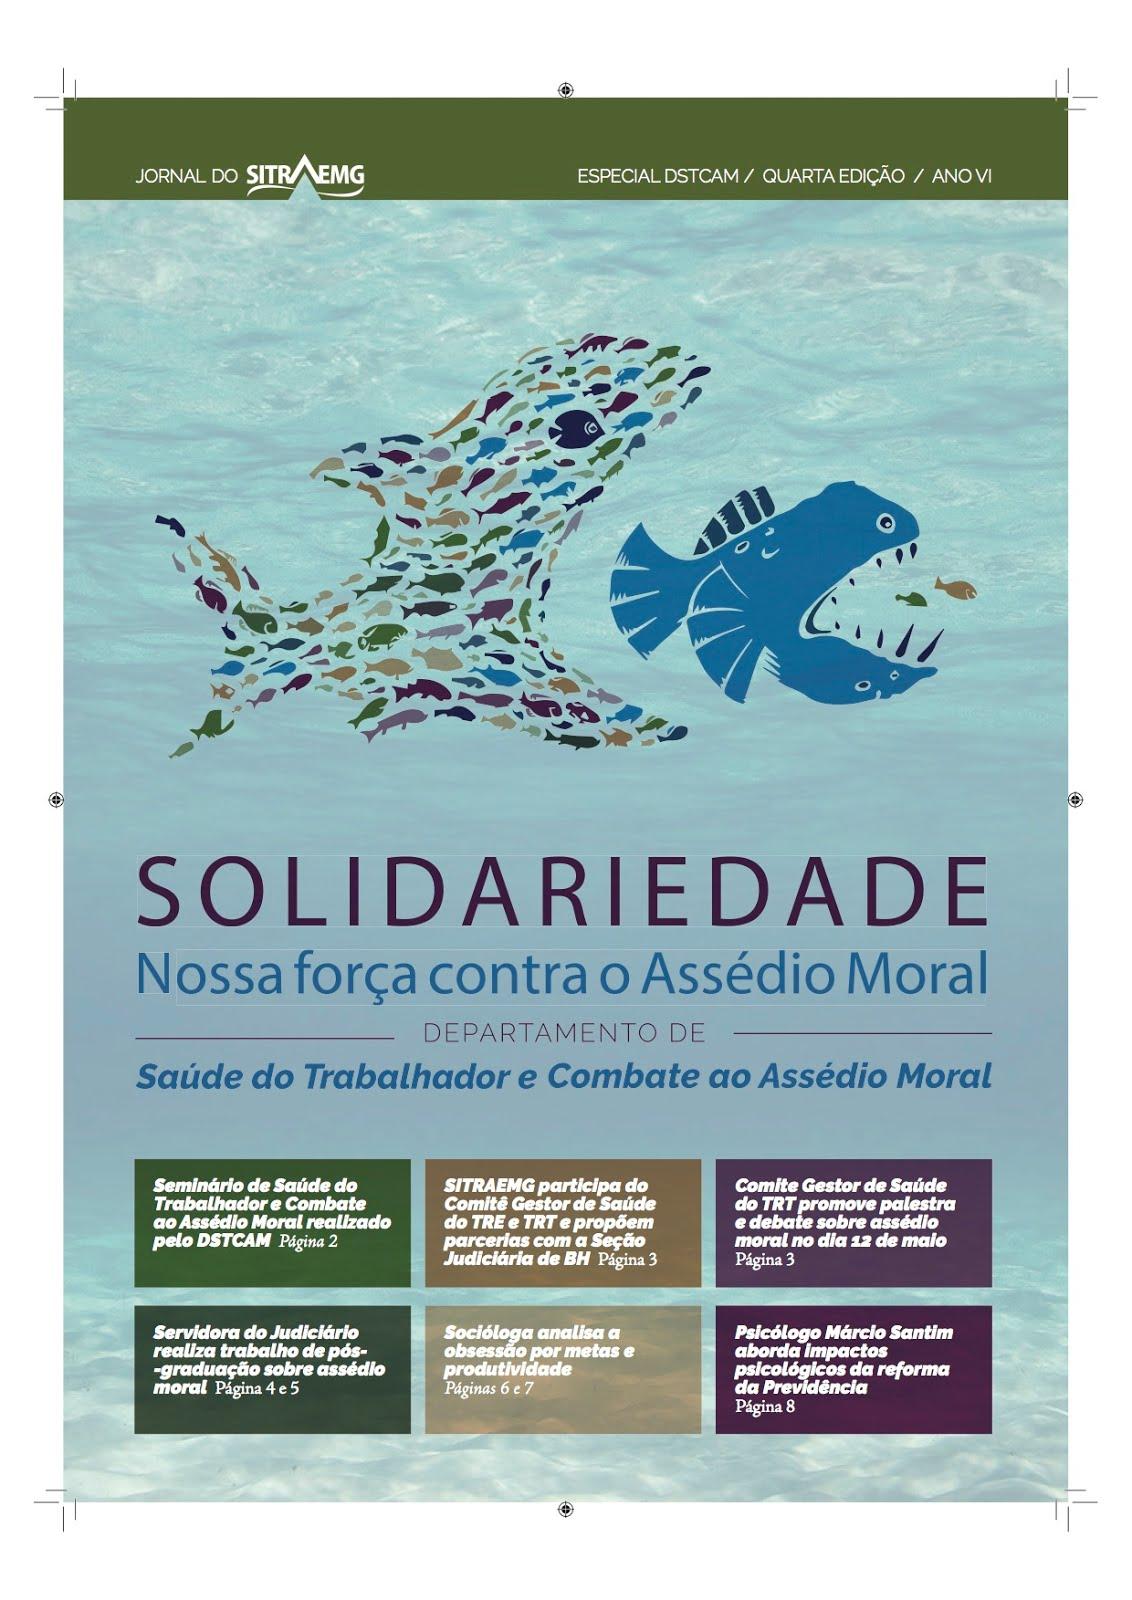 JORNAL DSTCAM/SITRAEMG QUARTA EDIÇÃO